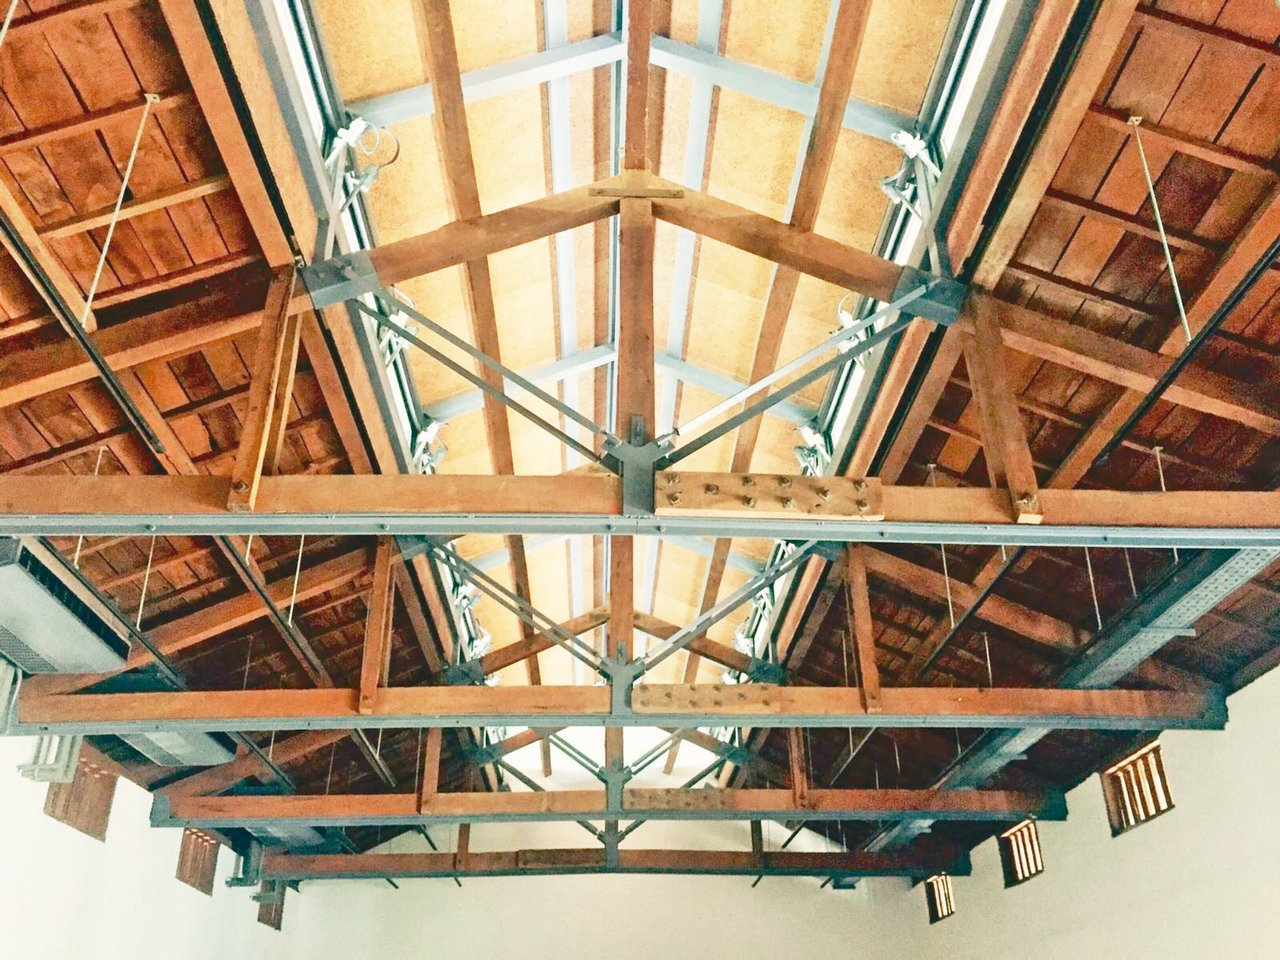 圖四:藝術館保存舊穀倉的桁樑加入新鋼鐵結構。 蔣勳圖片提供